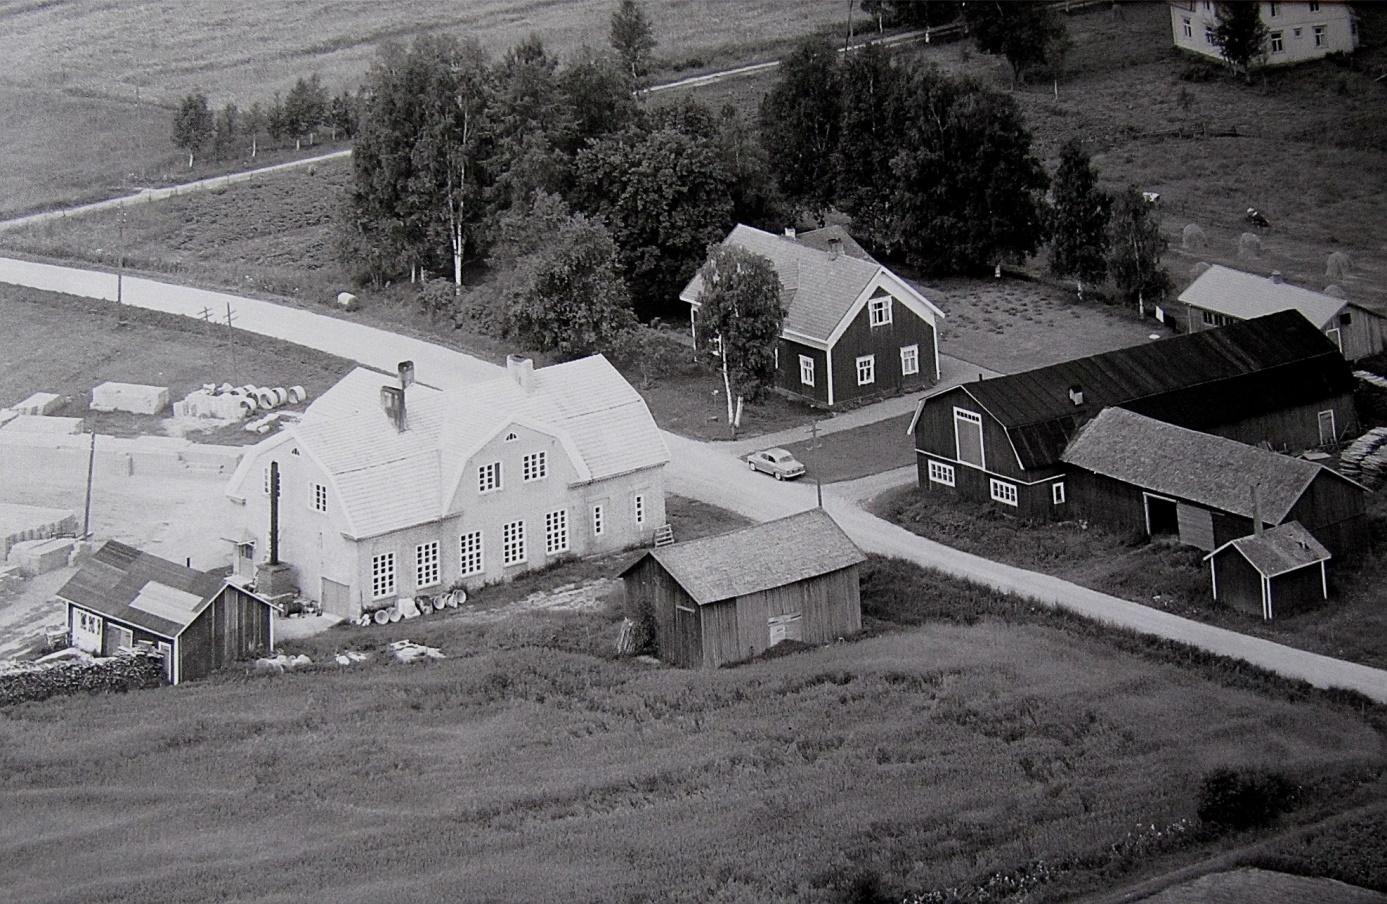 Den stora tegelbyggnaden till vänster är Dagsmark Andelsmejeris byggnad från 1929 men som när detta foto togs 1961 ägdes av Ragnar och Verna Långfors. De bodde i övre våningen och i bottenvåningen tillverkade de tellblock av cement. Mejeribyggnaden förstördes i en brand sommaren 1977. På andra sidan Åbackvägen står Krook-gården som just detta år övertogs av Boris och Gun-Lis Långfors. Den stora uthusbyggnaden med mansardtak förstördes i en brand sommaren 1966 och efter det byggdes de uthus som fortfarande står kvar. Uppe i högra hörnet syns lite av Storkulls gård.